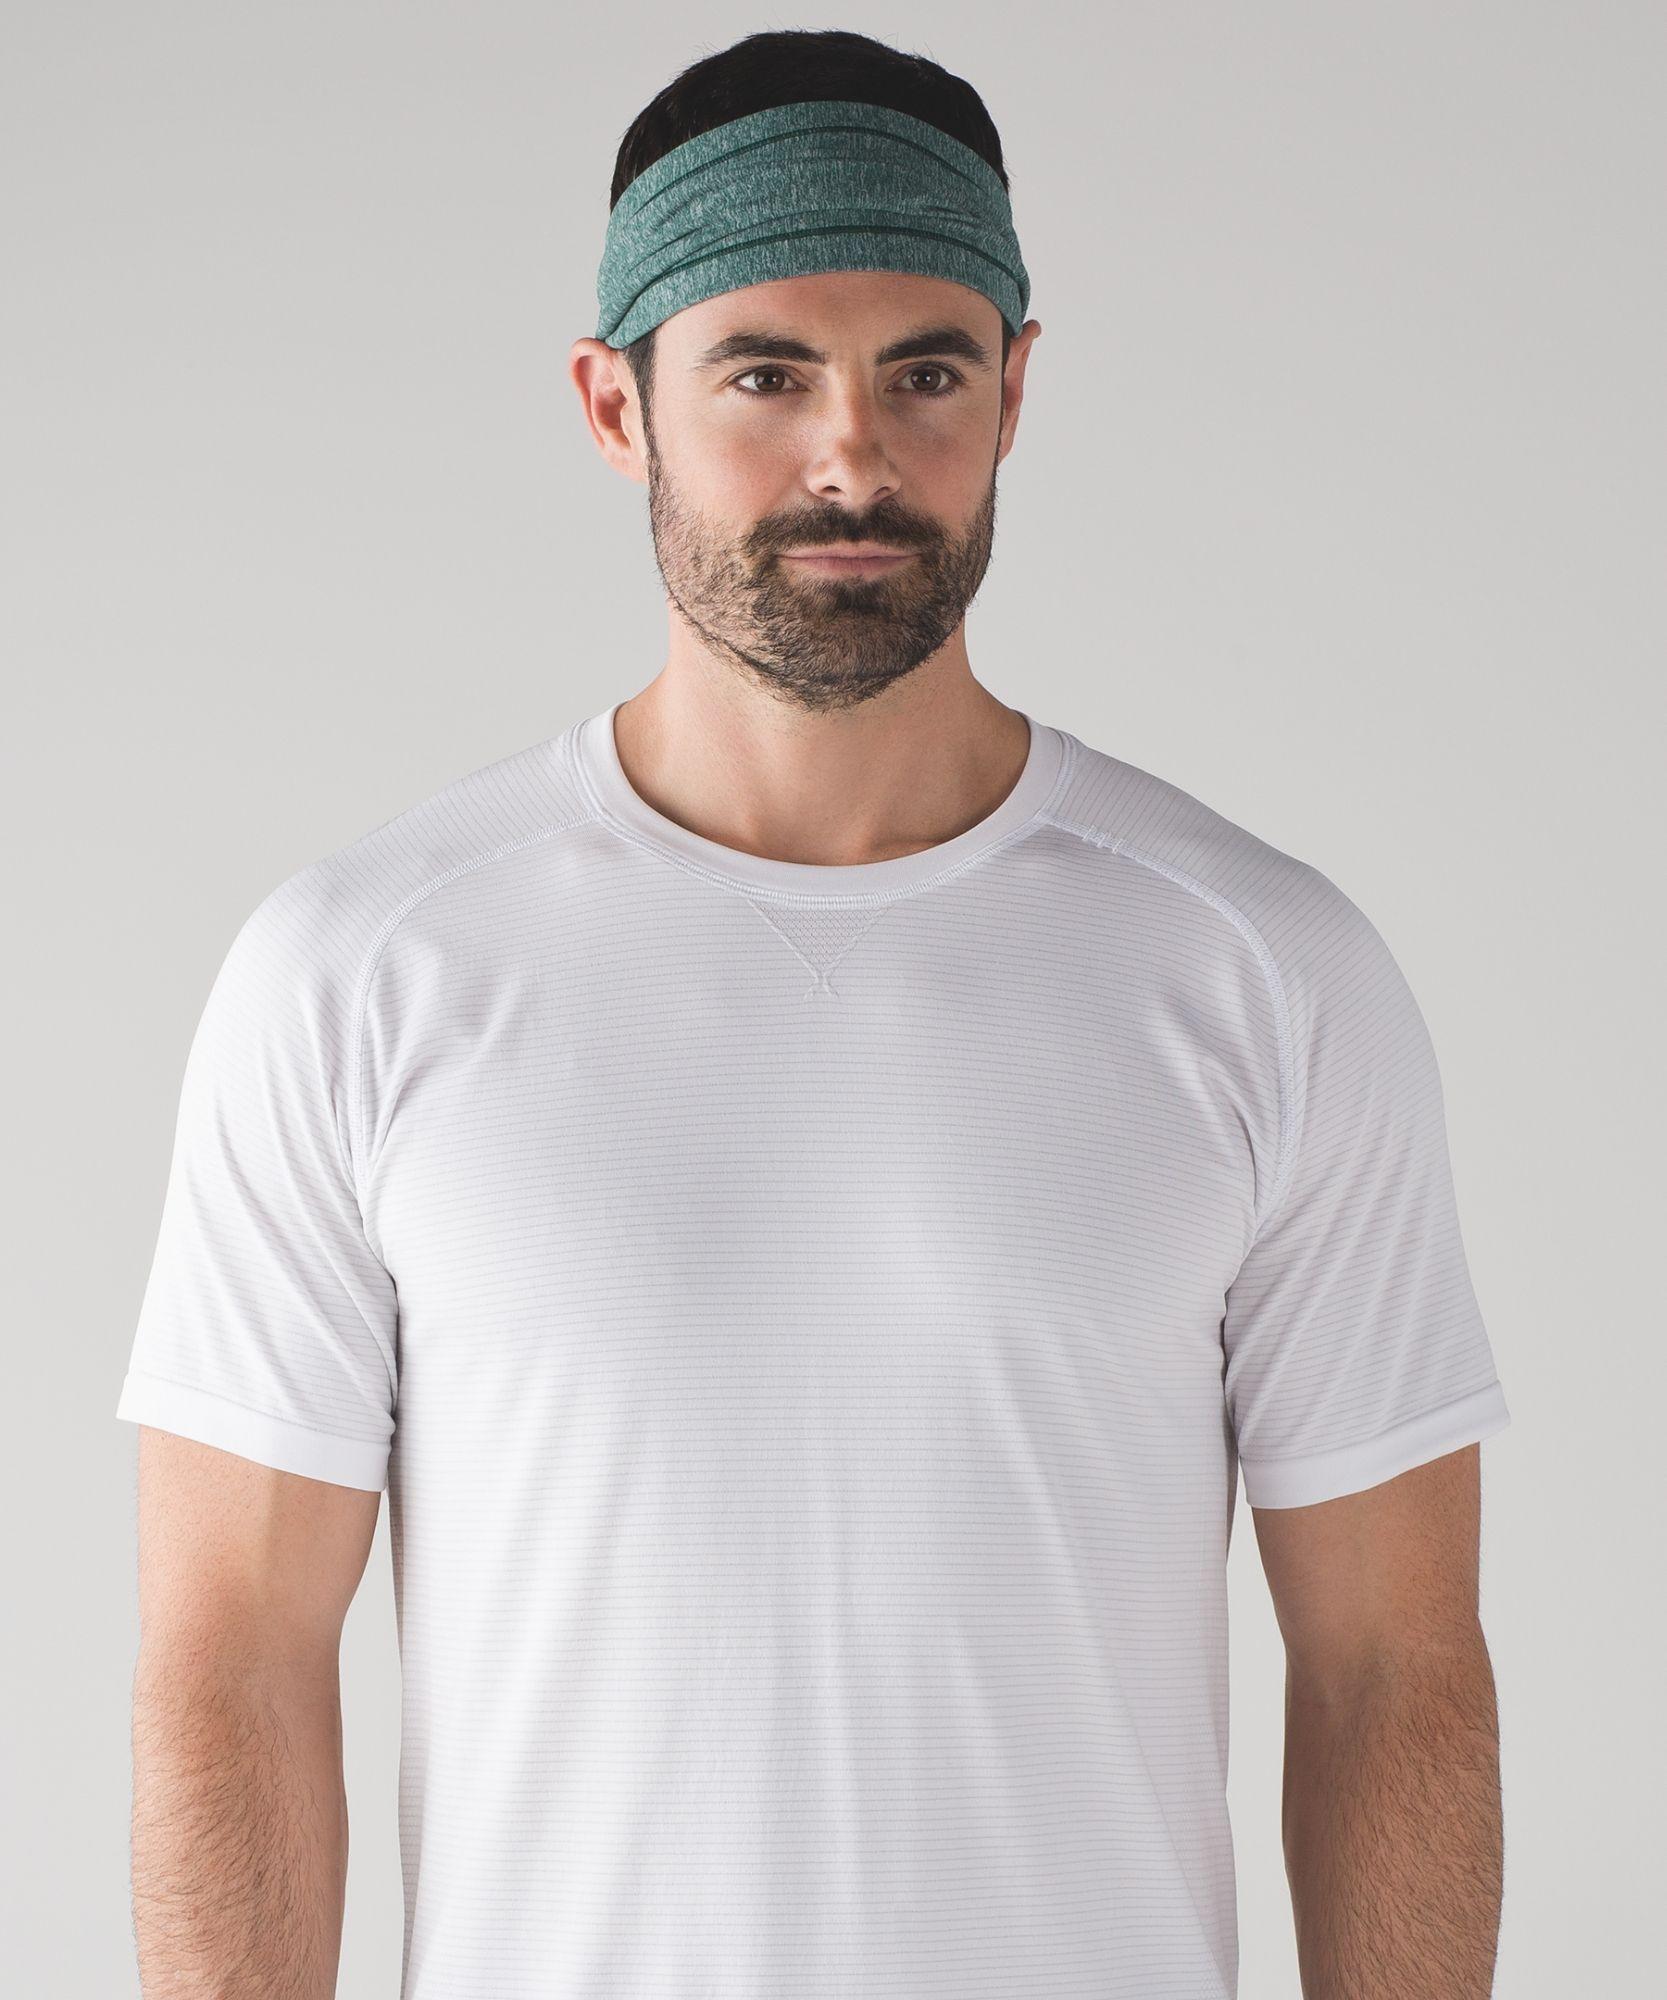 Men s Running Headband - Assert Headband - lululemon  9c483fc61e8a